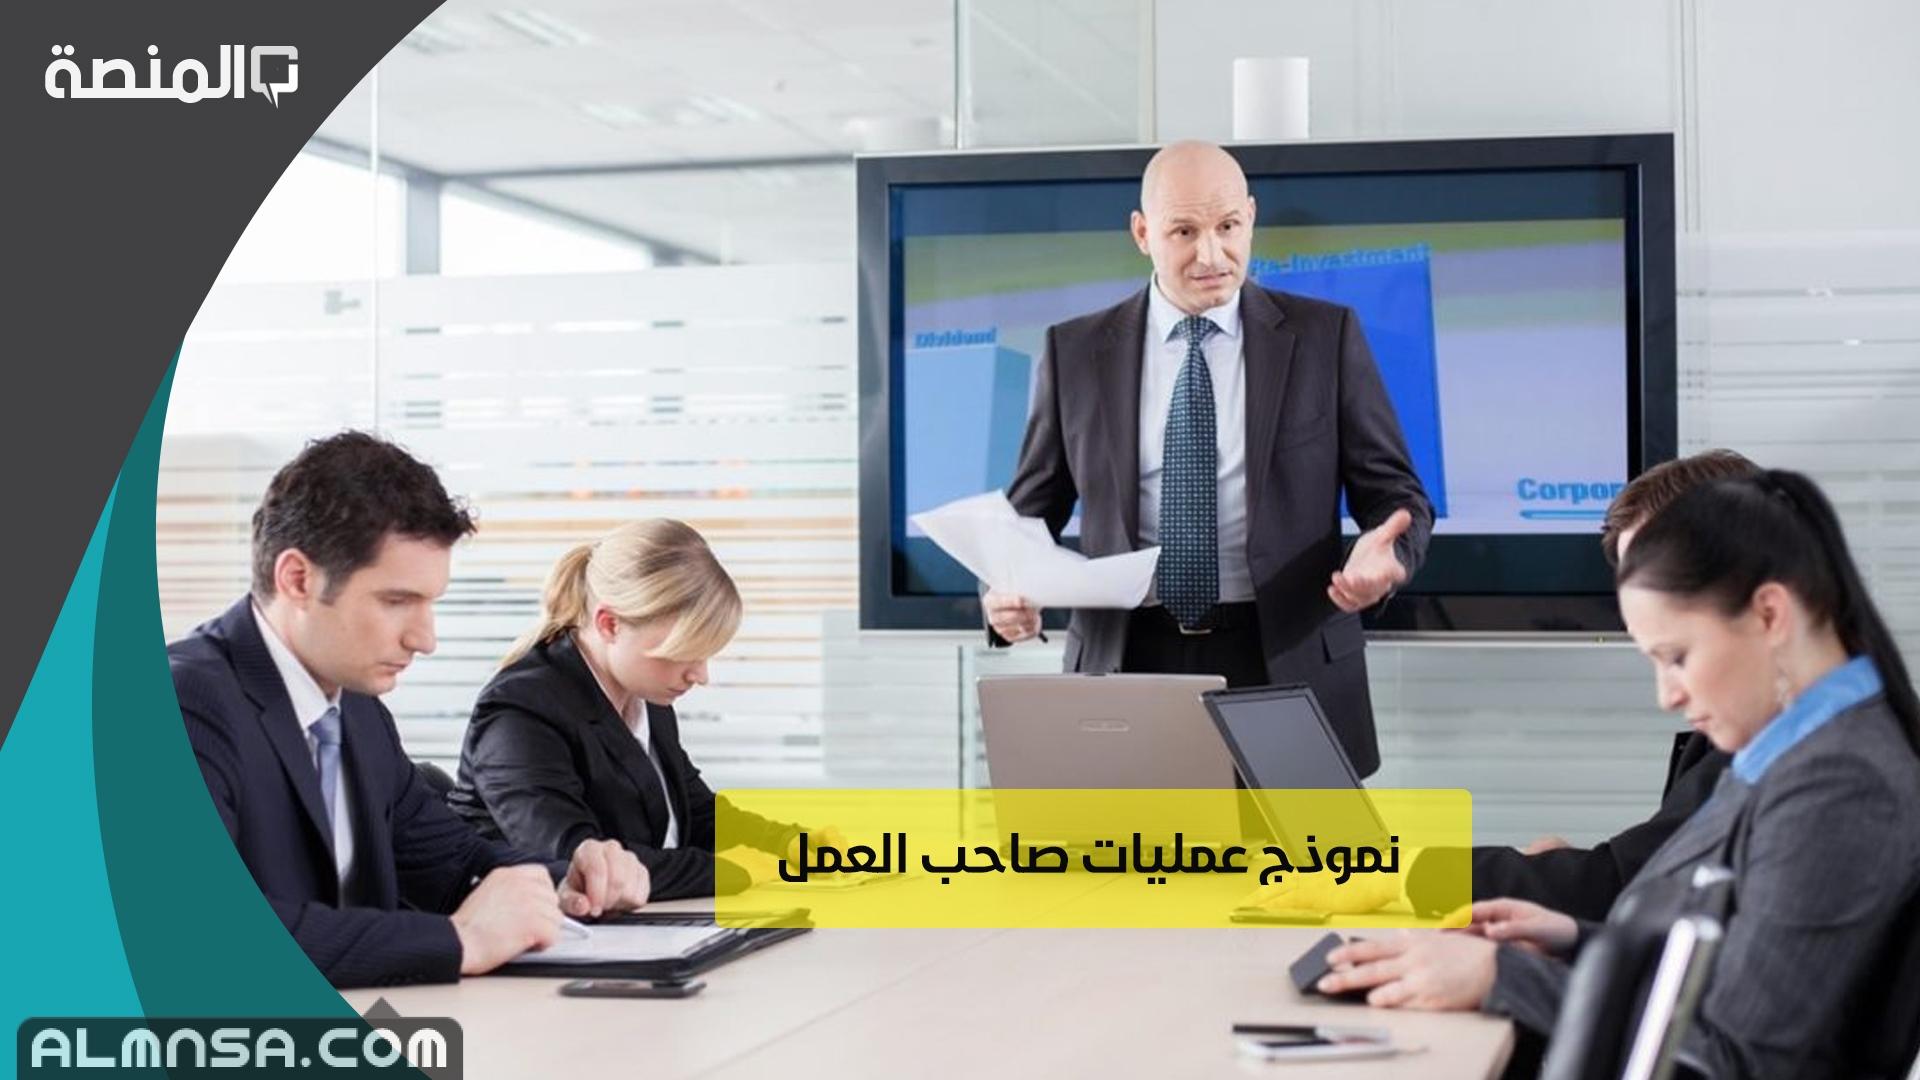 نموذج عمليات صاحب العمل المنصة